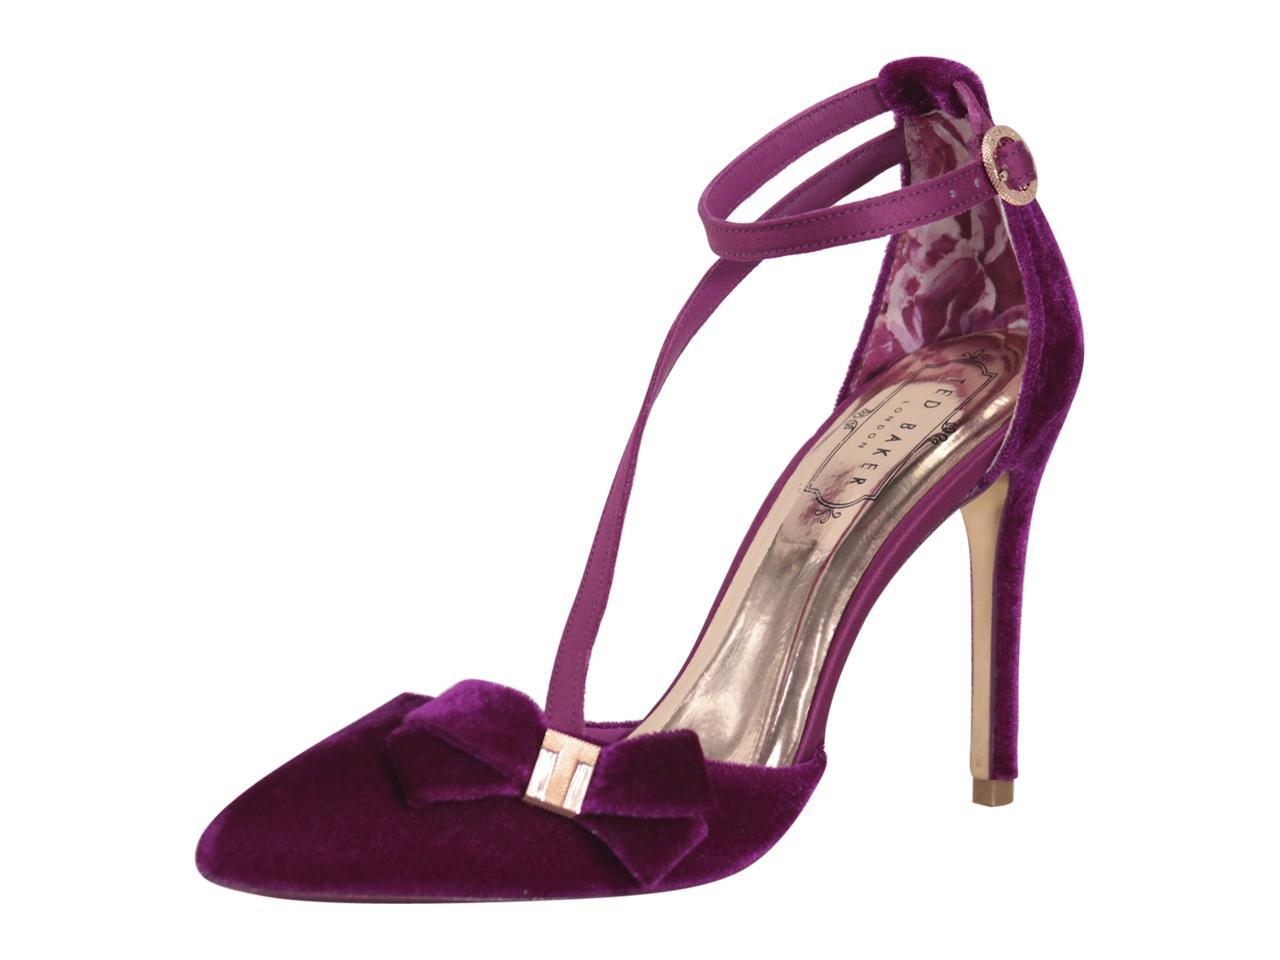 716e61deae Ted Baker Women's Juleta Velvet Pumps Heels Shoes